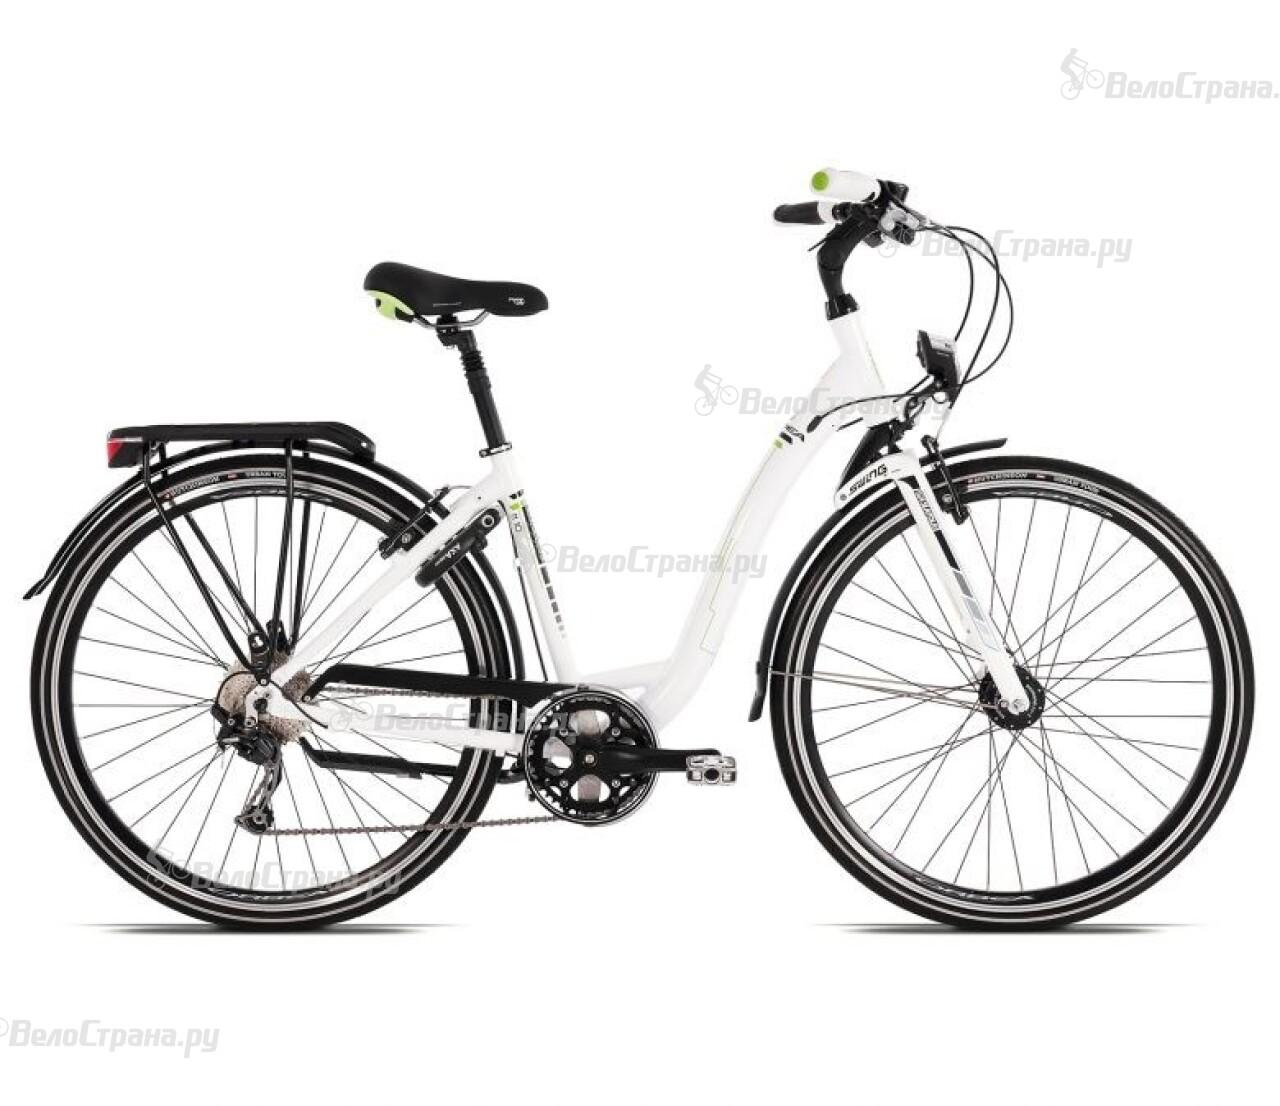 Велосипед Orbea Boulevard 10 (2014) велосипед orbea boulevard 10 2014